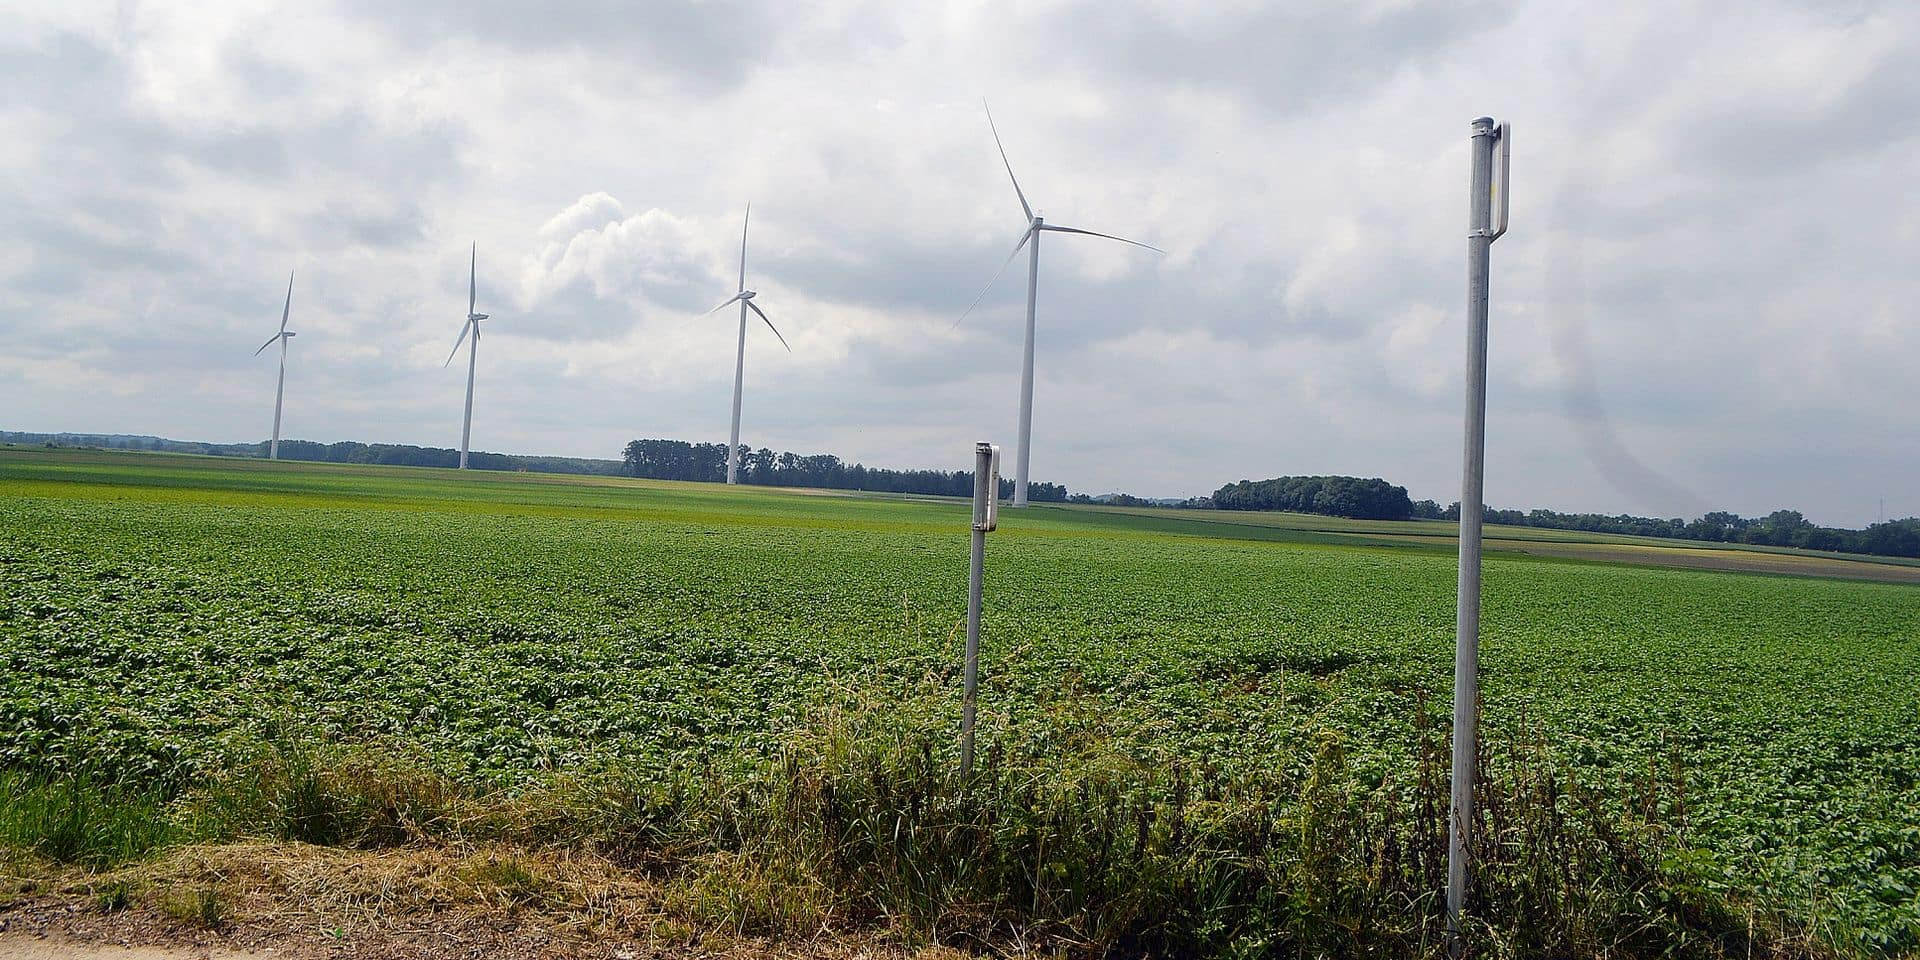 Dix éoliennes en plus pour 2030 en Wallonie picarde